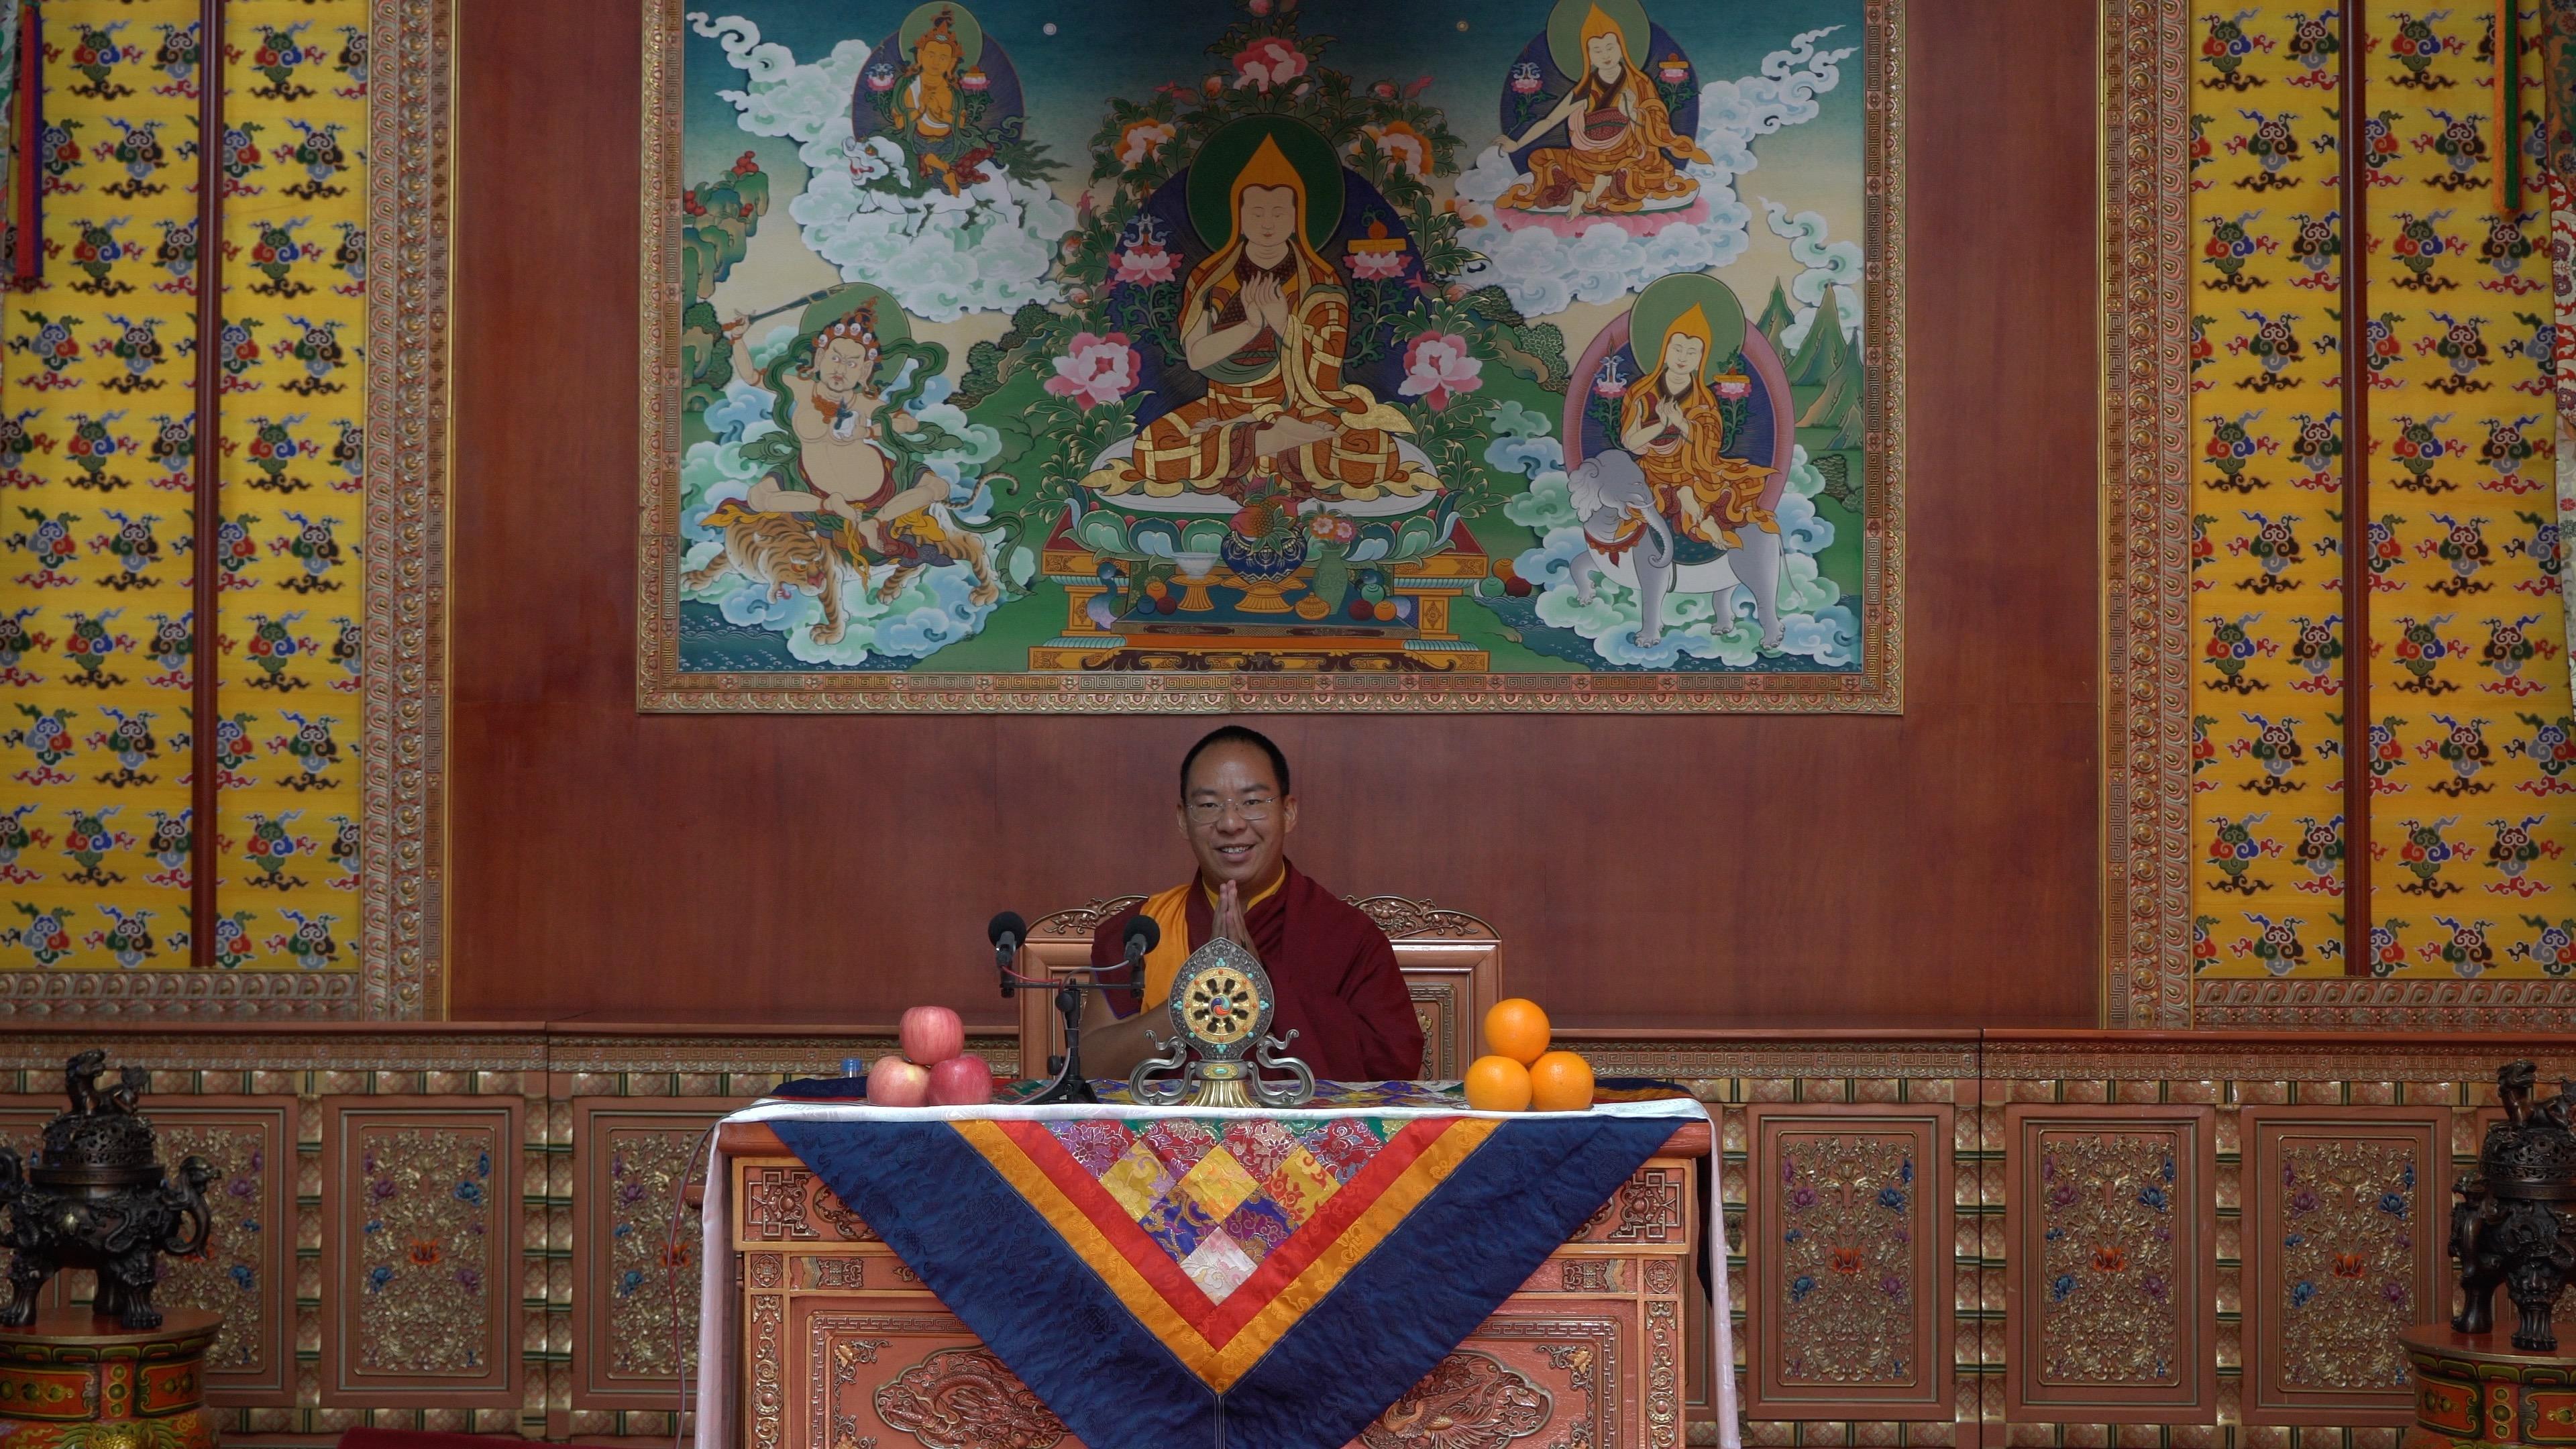 [Video]  Penchen Lama begrü?t das neue Jahr